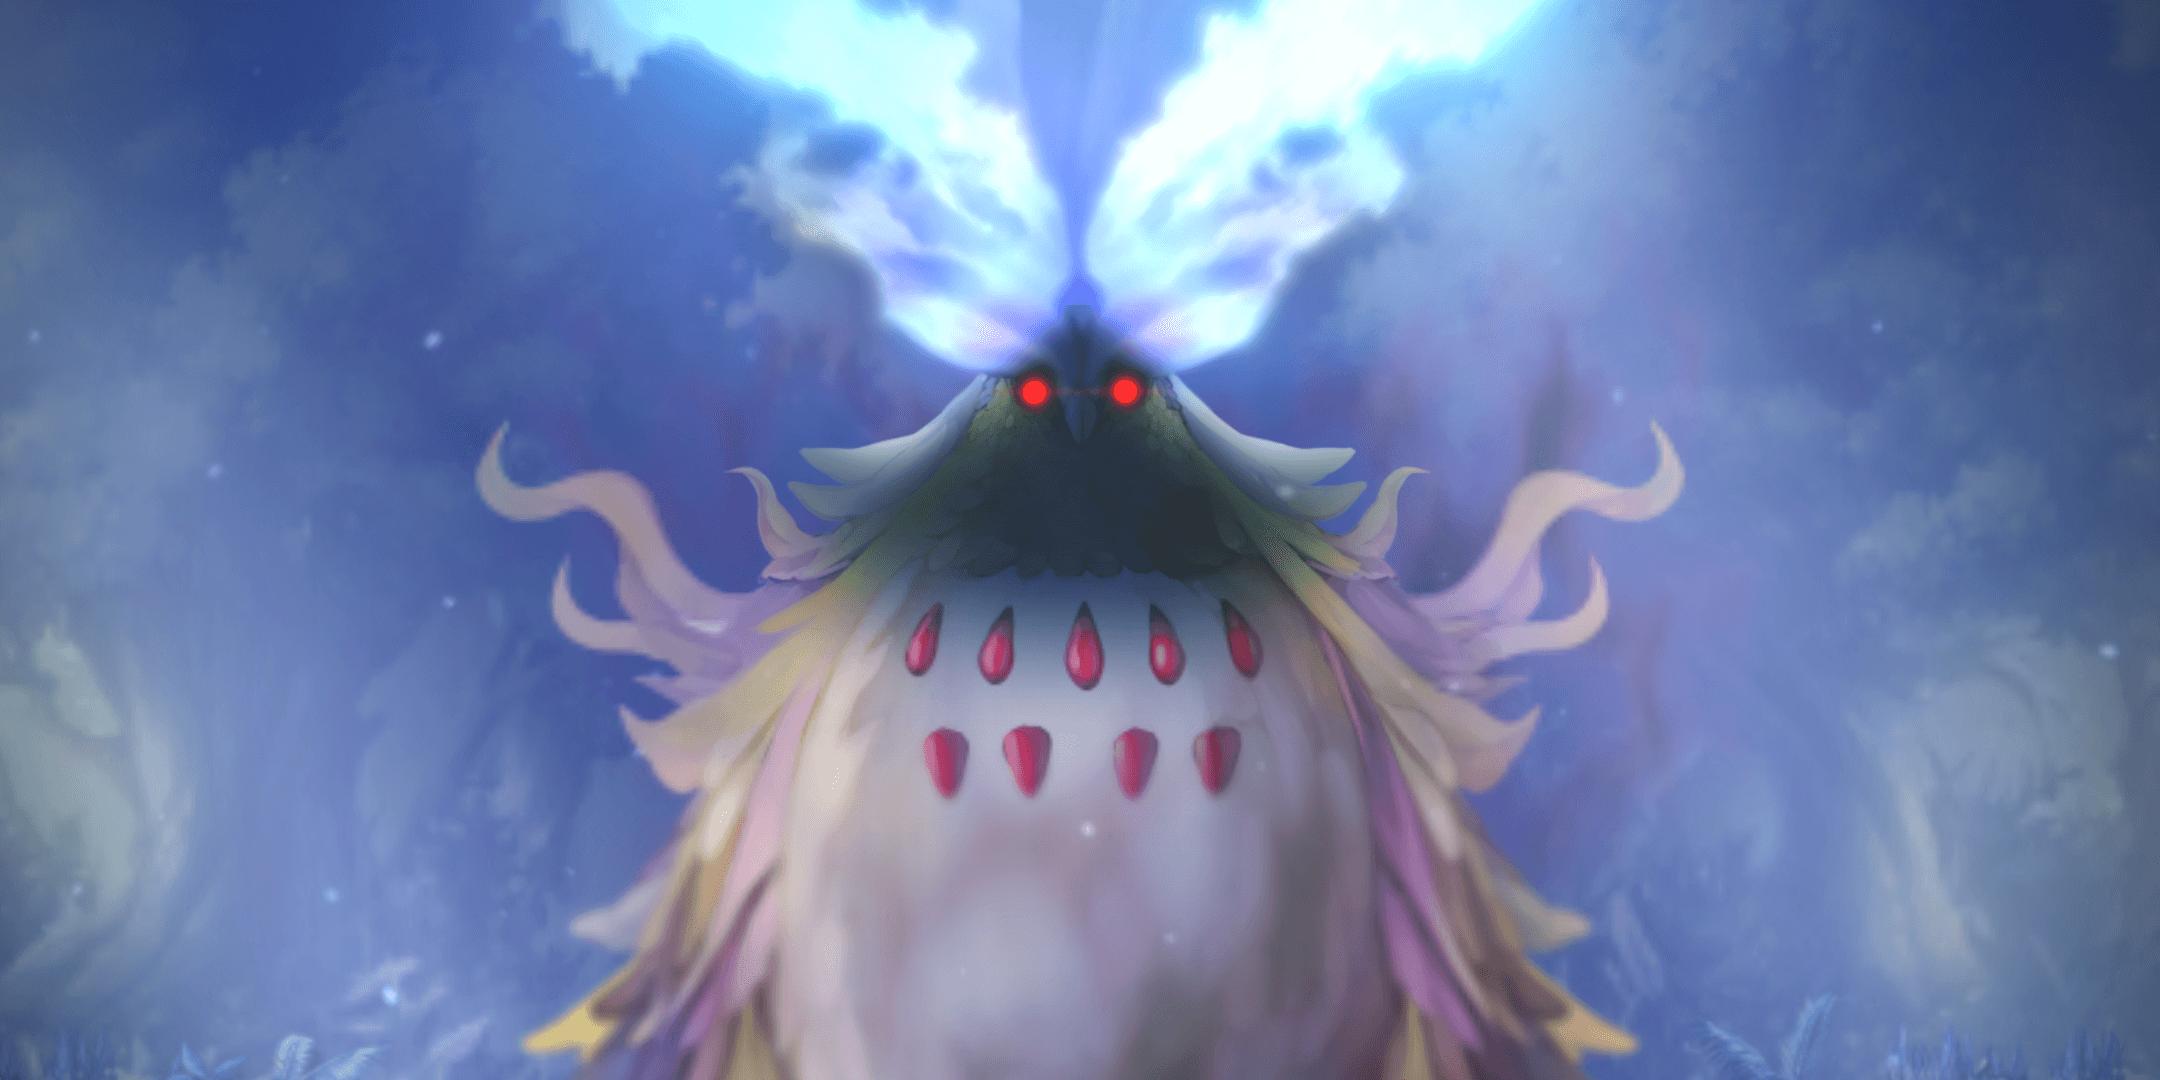 アナデン(アナザーエデン)精霊獣、初登場シーン